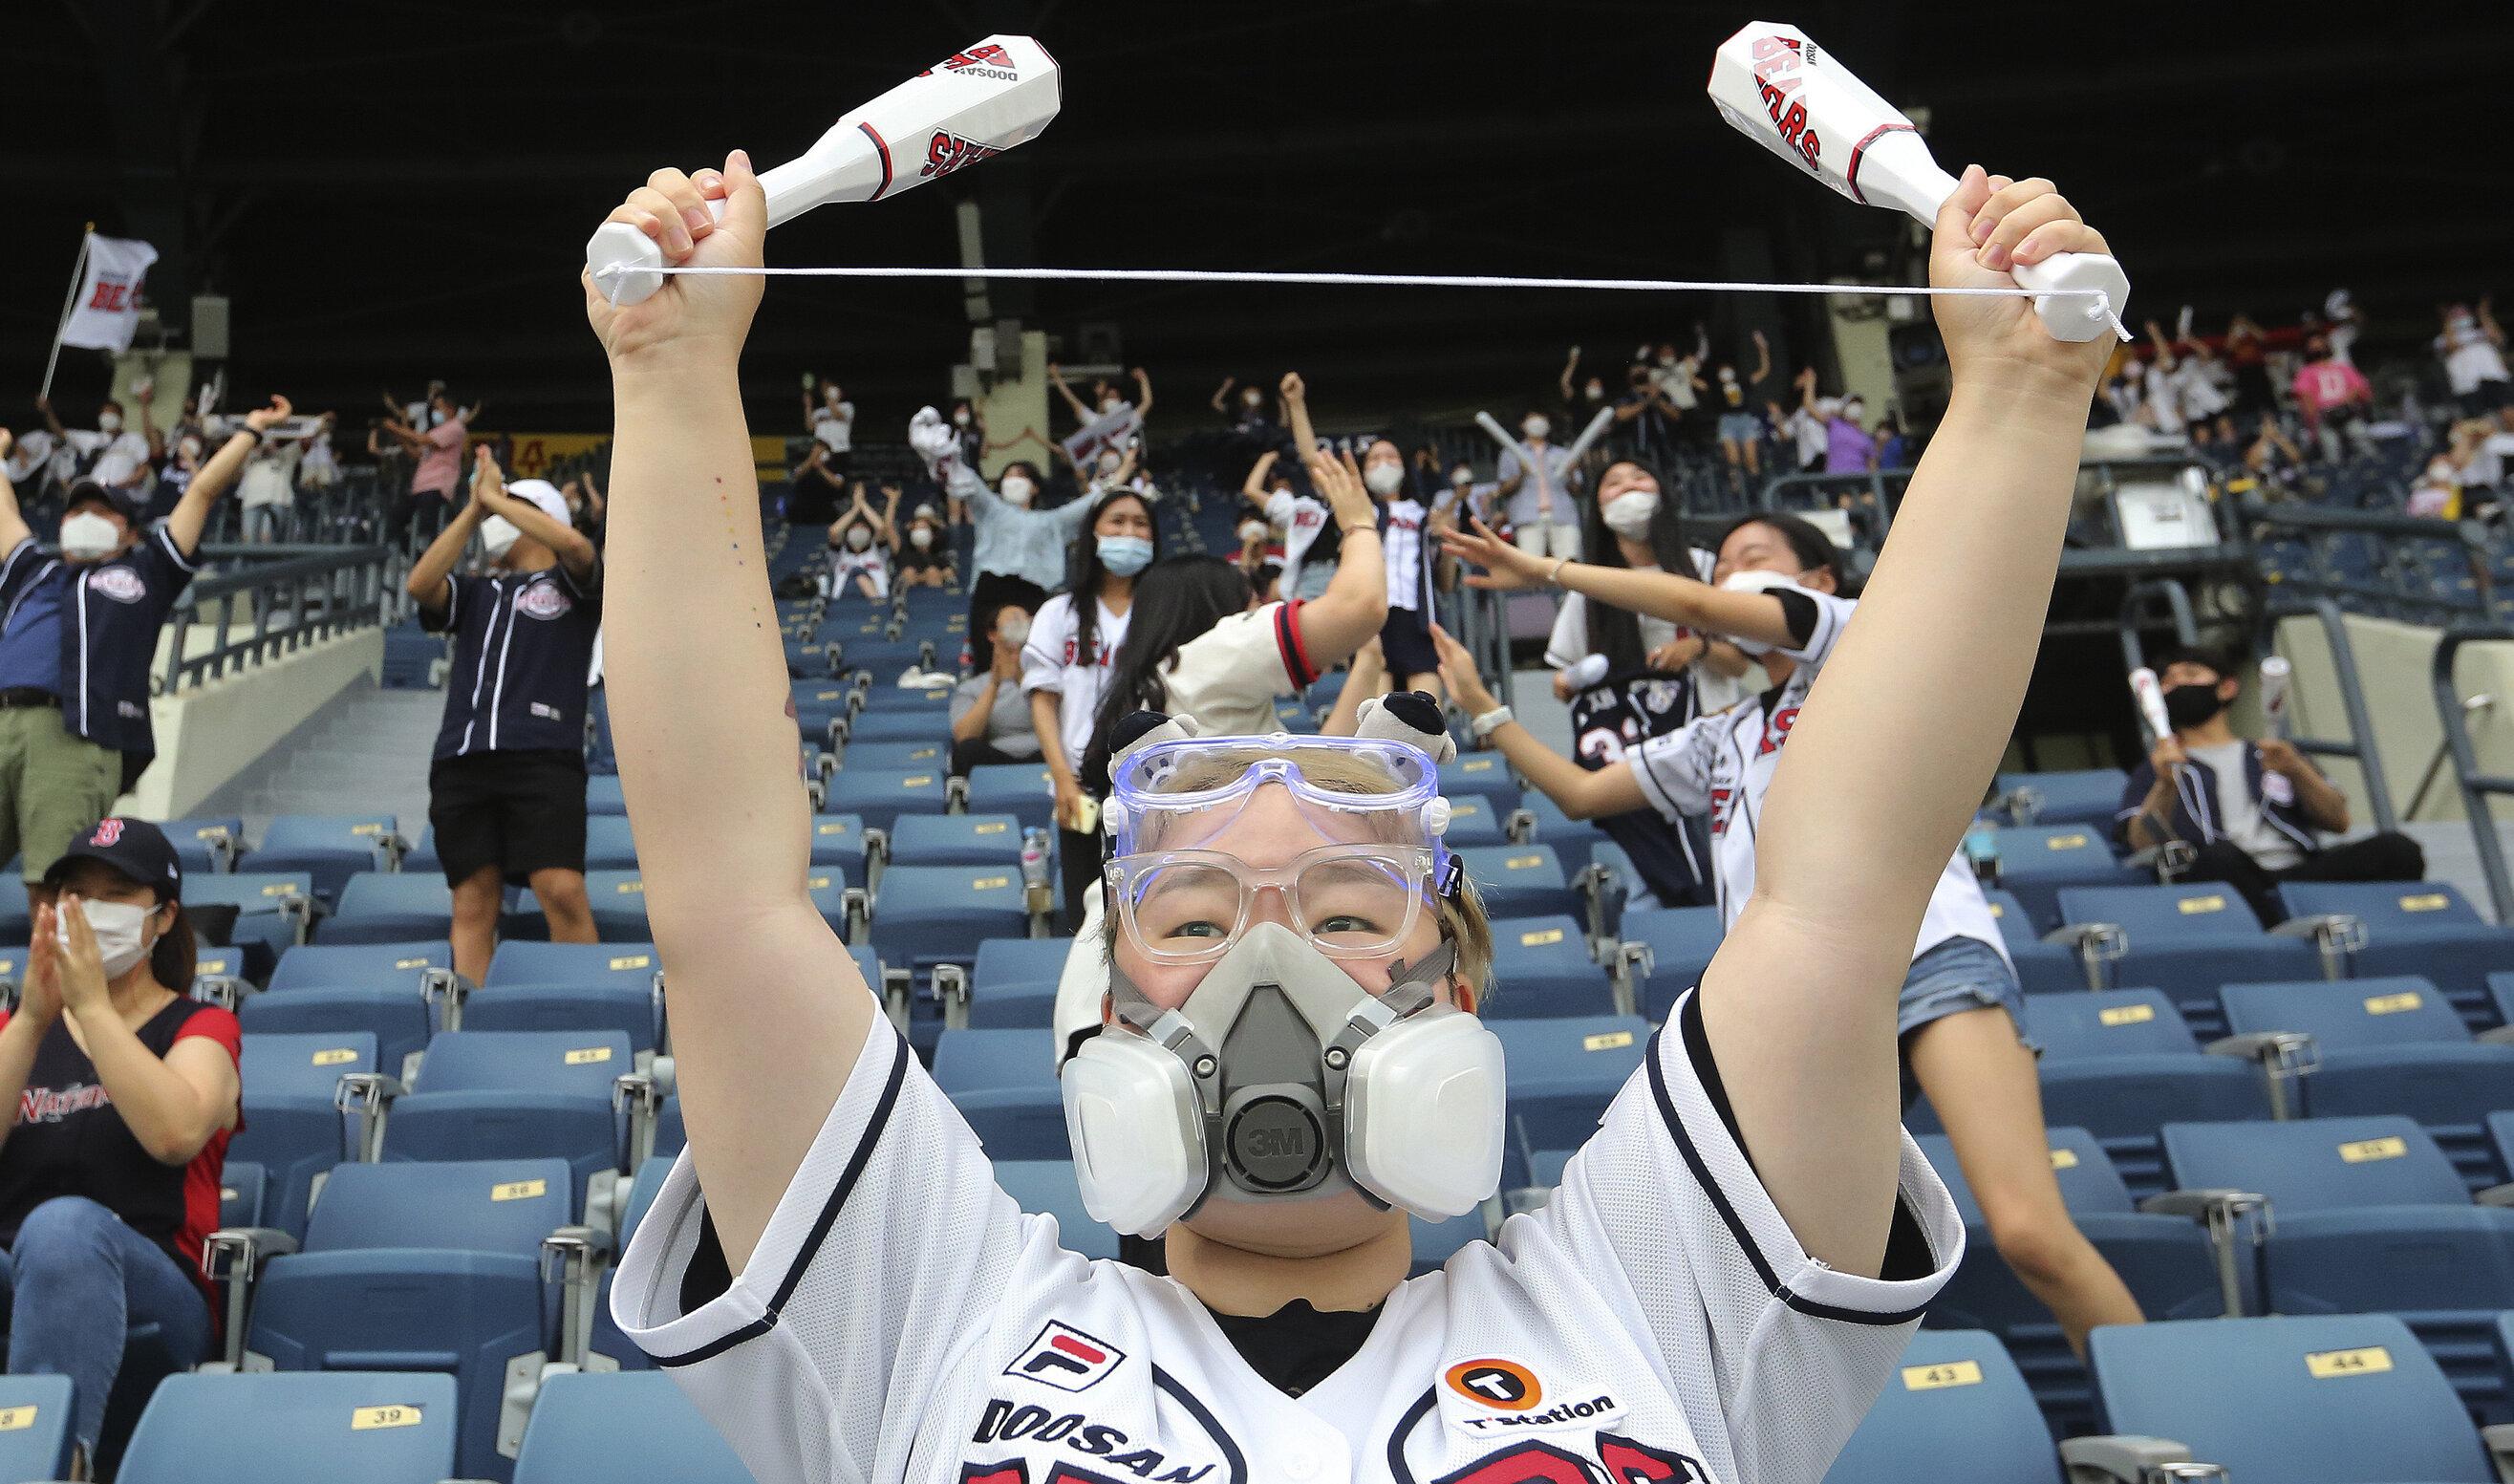 Jocurile Olimpice de la Tokyo  Spectatorii nu au voie să aclame sau să strige, pentru a evita contaminarea